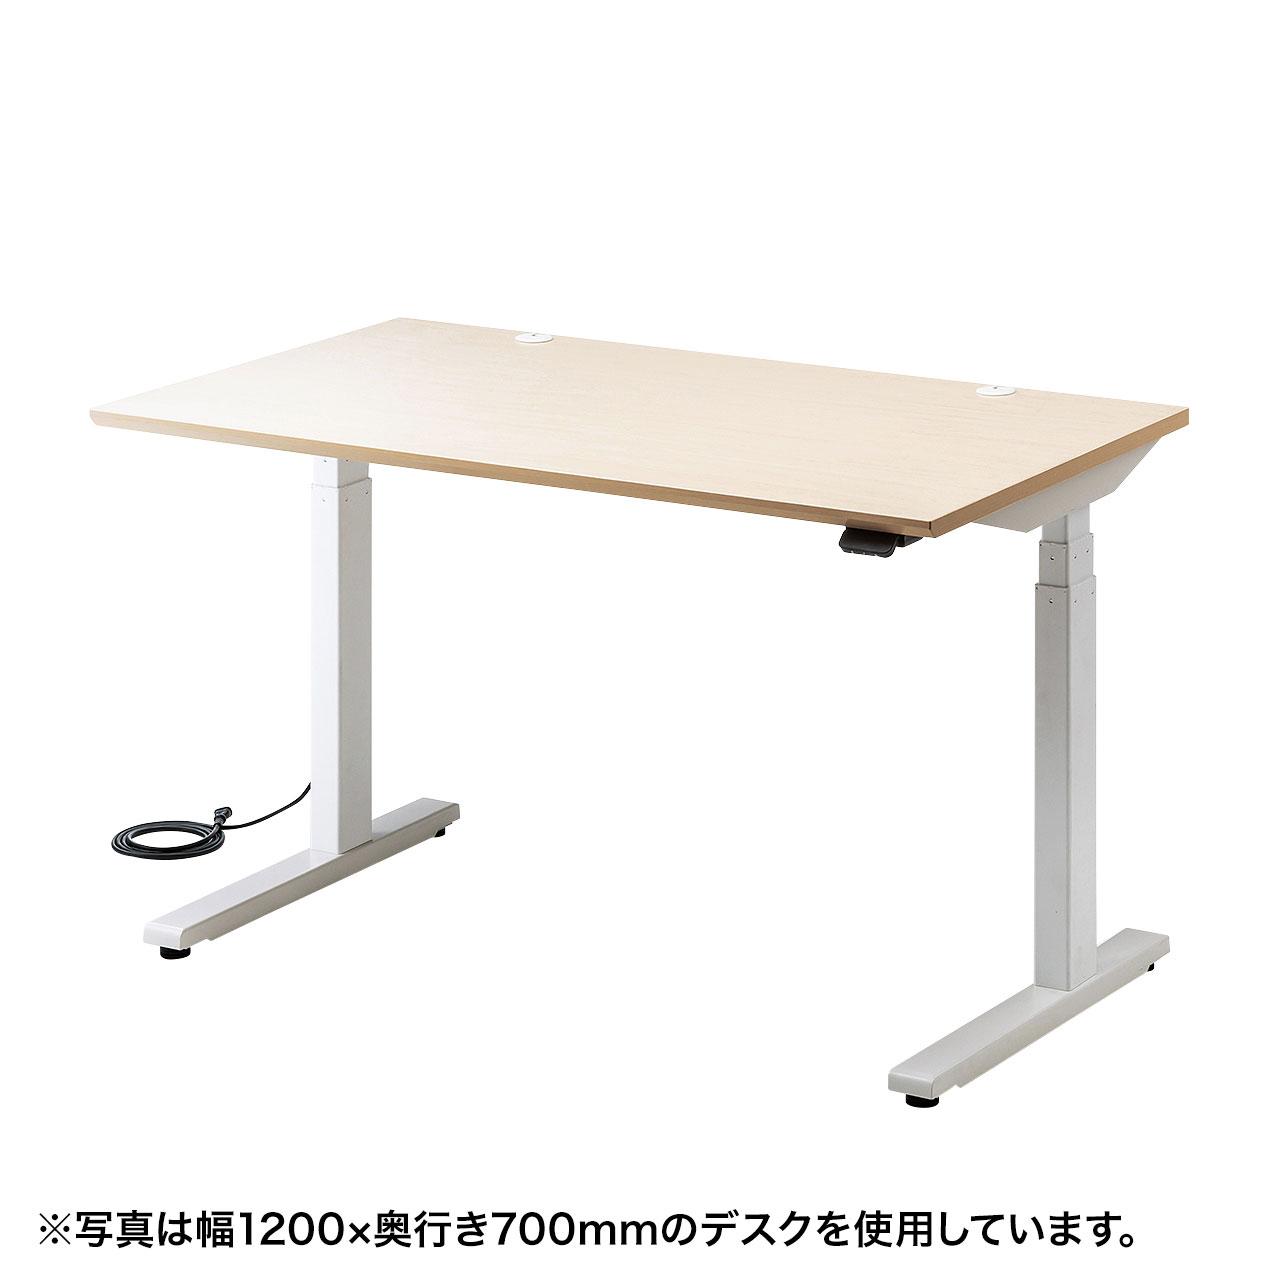 電動上下昇降デスク(W1000×D700mm・薄い木目)商品画像